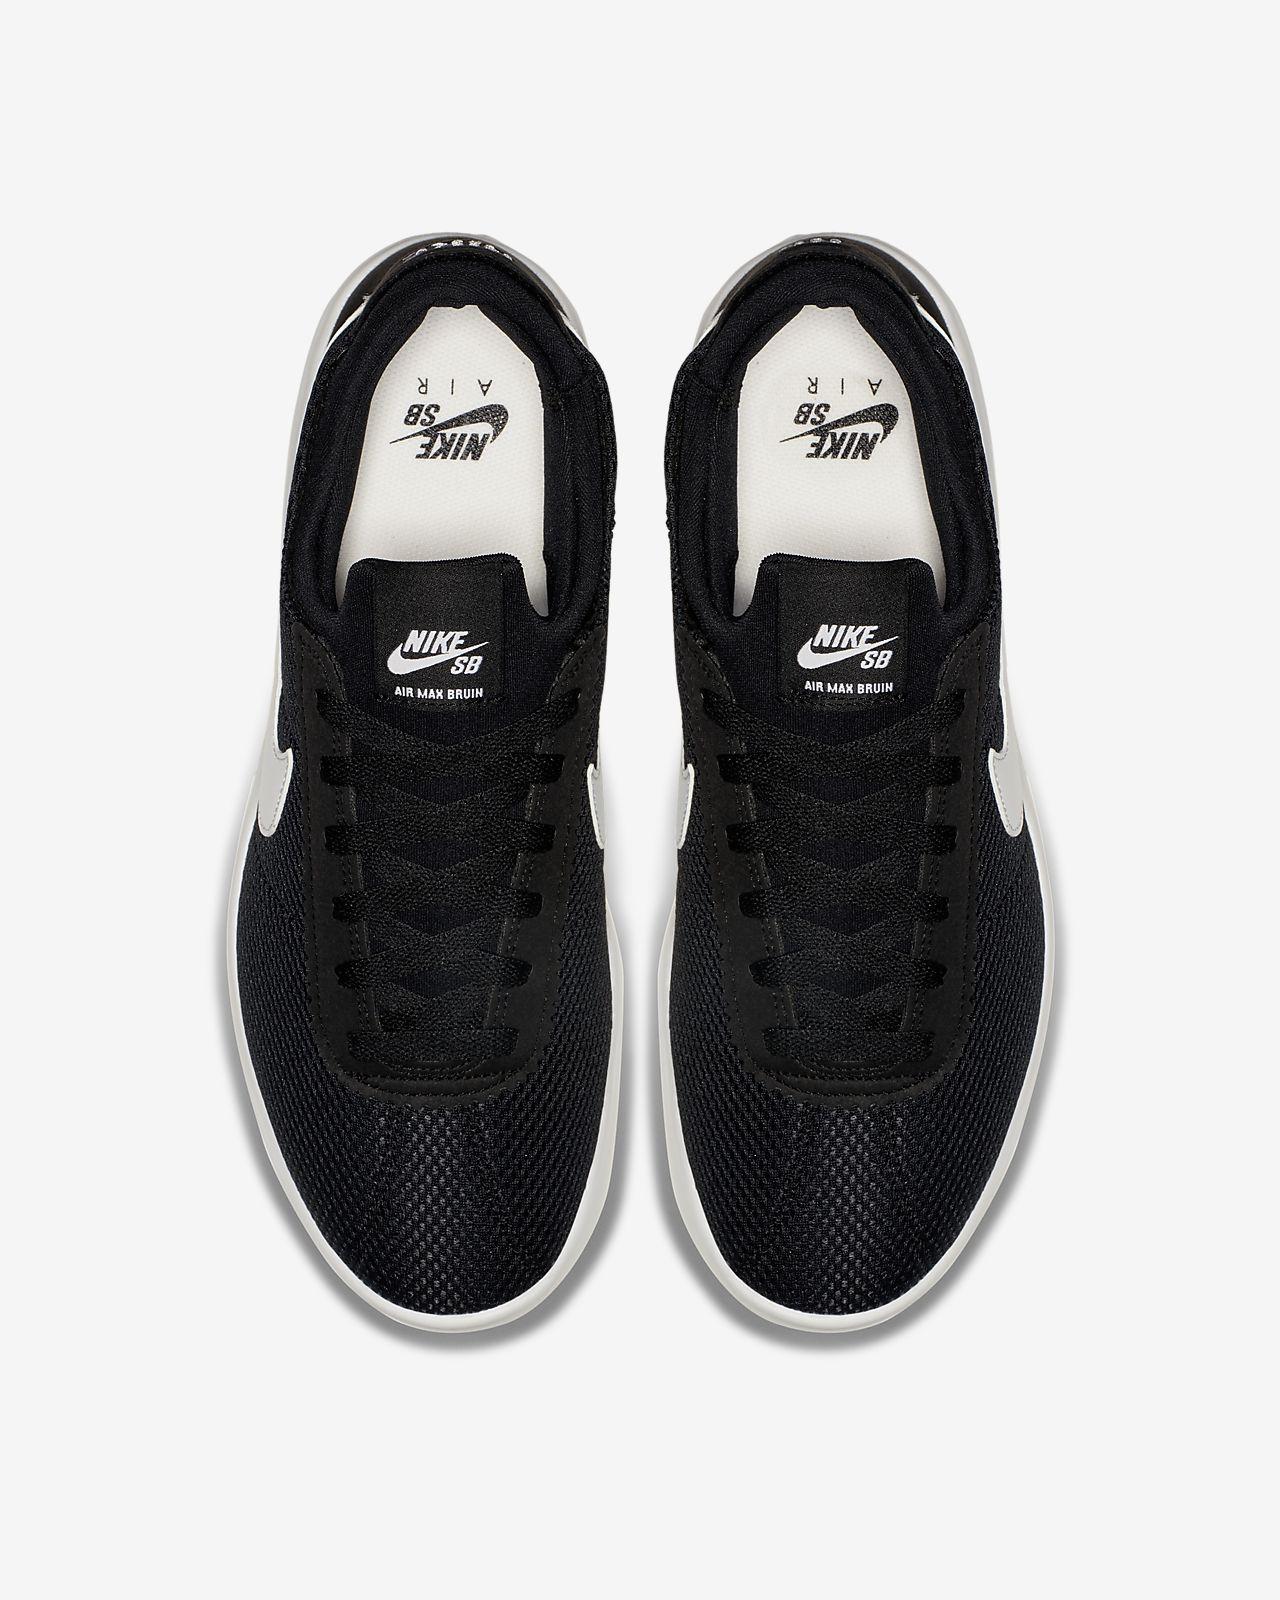 buy online 69f20 100ca ... Skateboardsko Nike SB Air Max Bruin Vapor för män